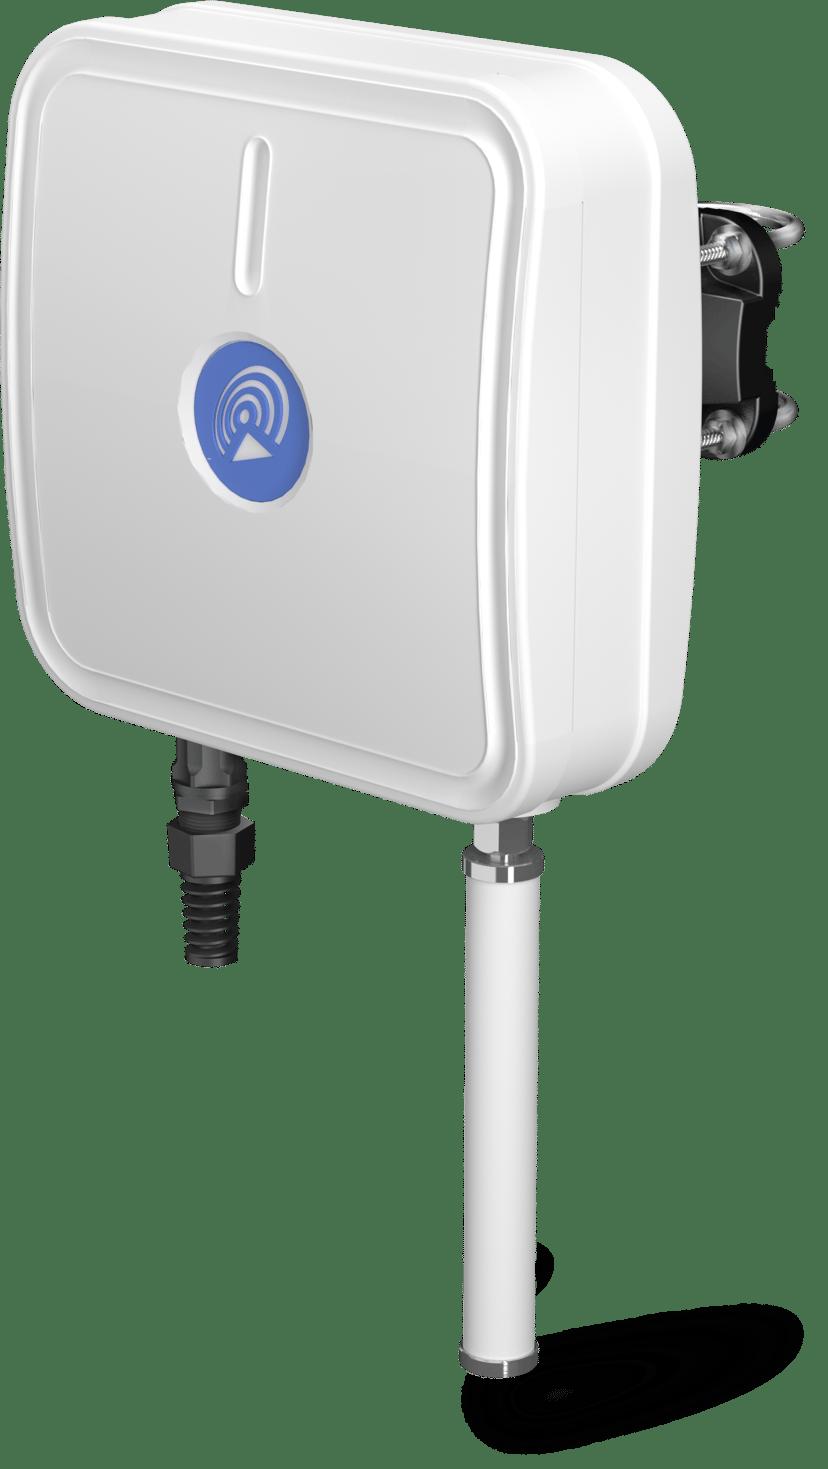 QuWireless QuMax Antenn & Kapsling för RUT240/RUT230